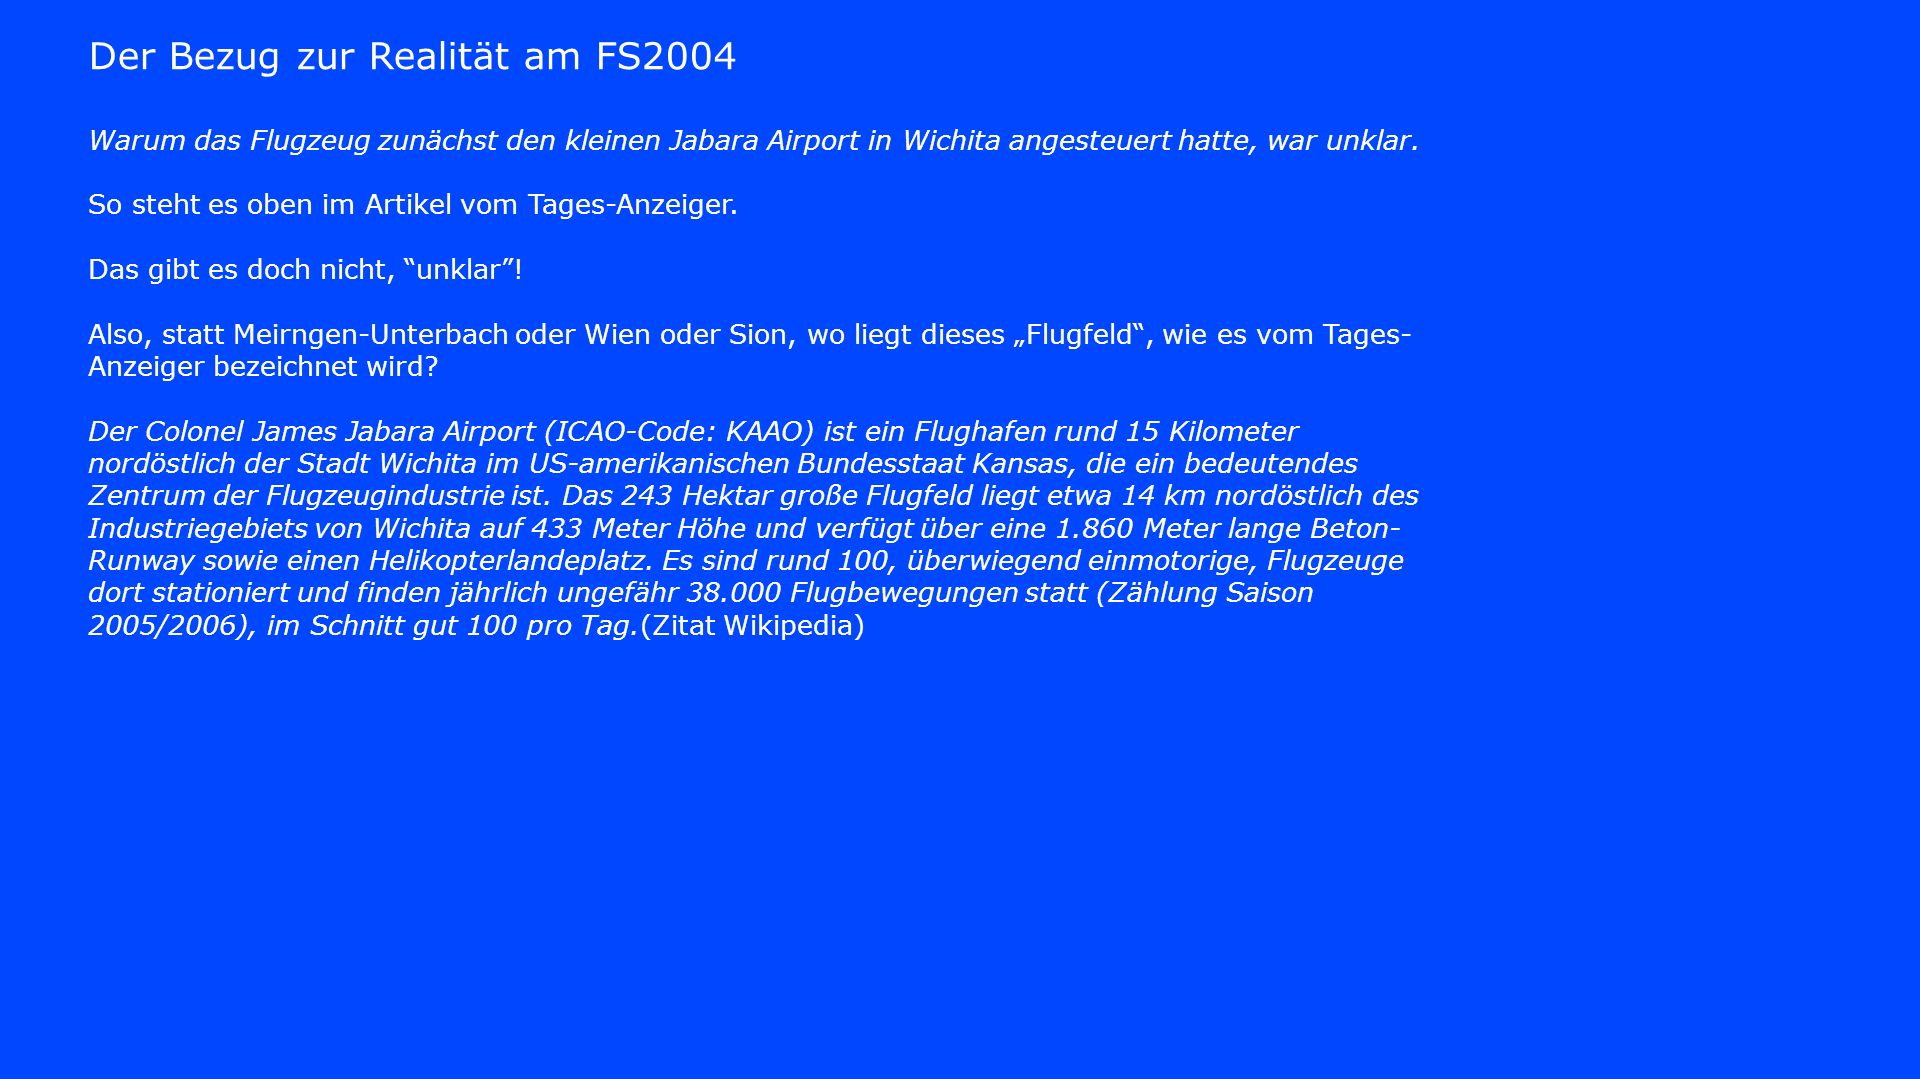 Der Bezug zur Realität am FS2004 Warum das Flugzeug zunächst den kleinen Jabara Airport in Wichita angesteuert hatte, war unklar. So steht es oben im